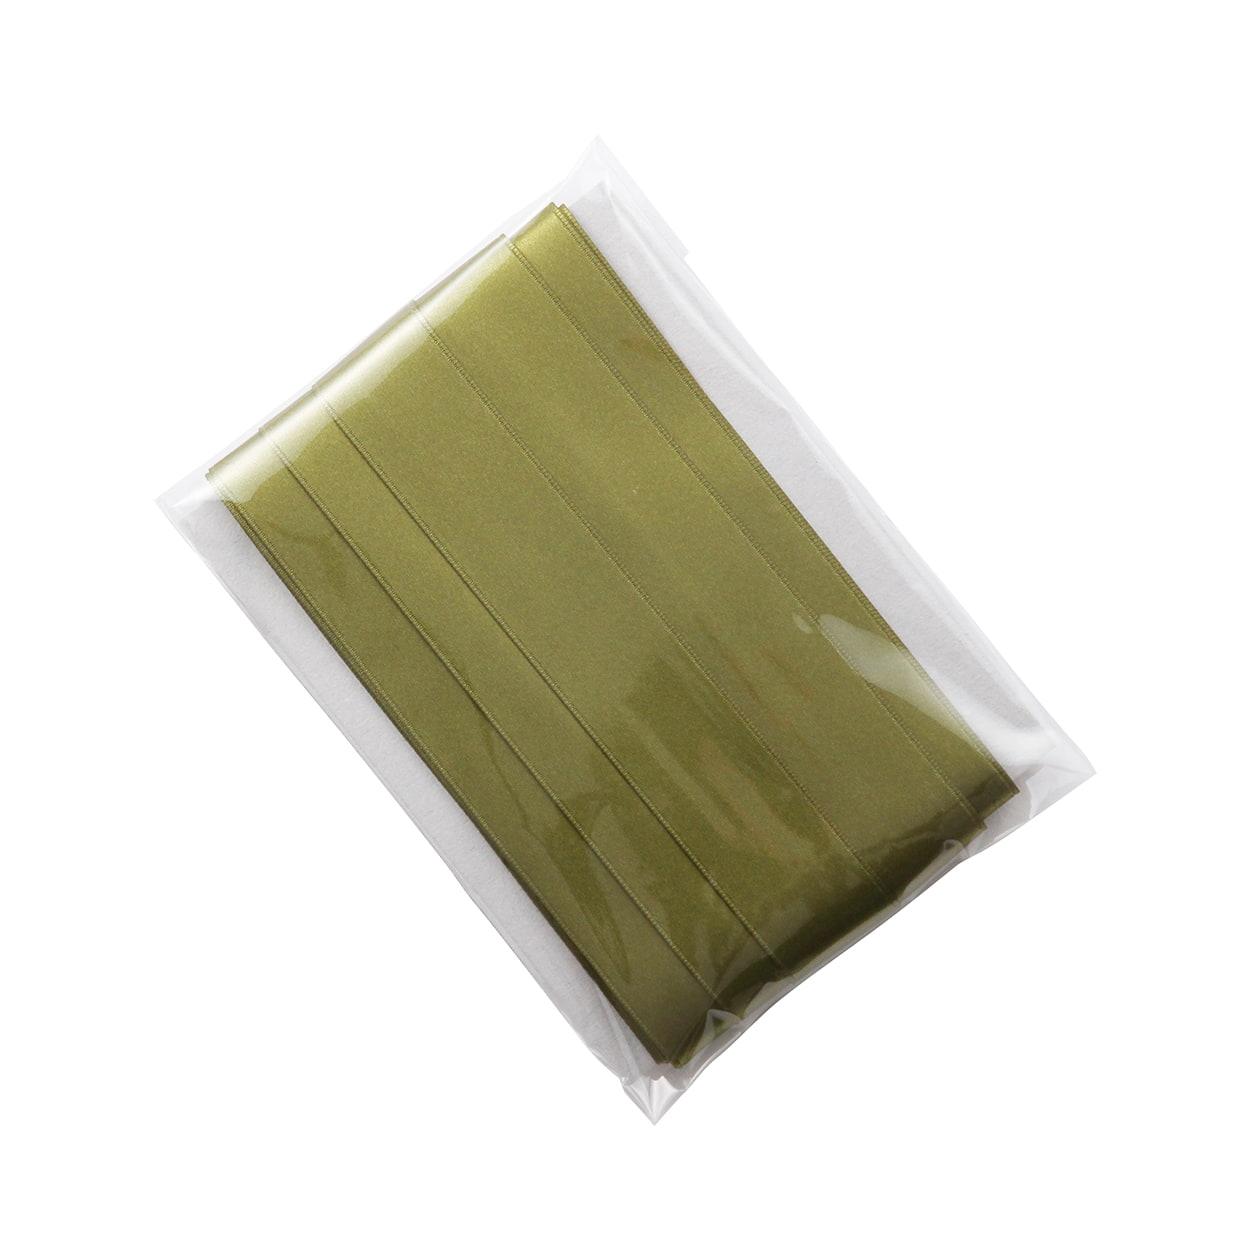 リボン 25mm幅 オリーブ(1パック/10m)